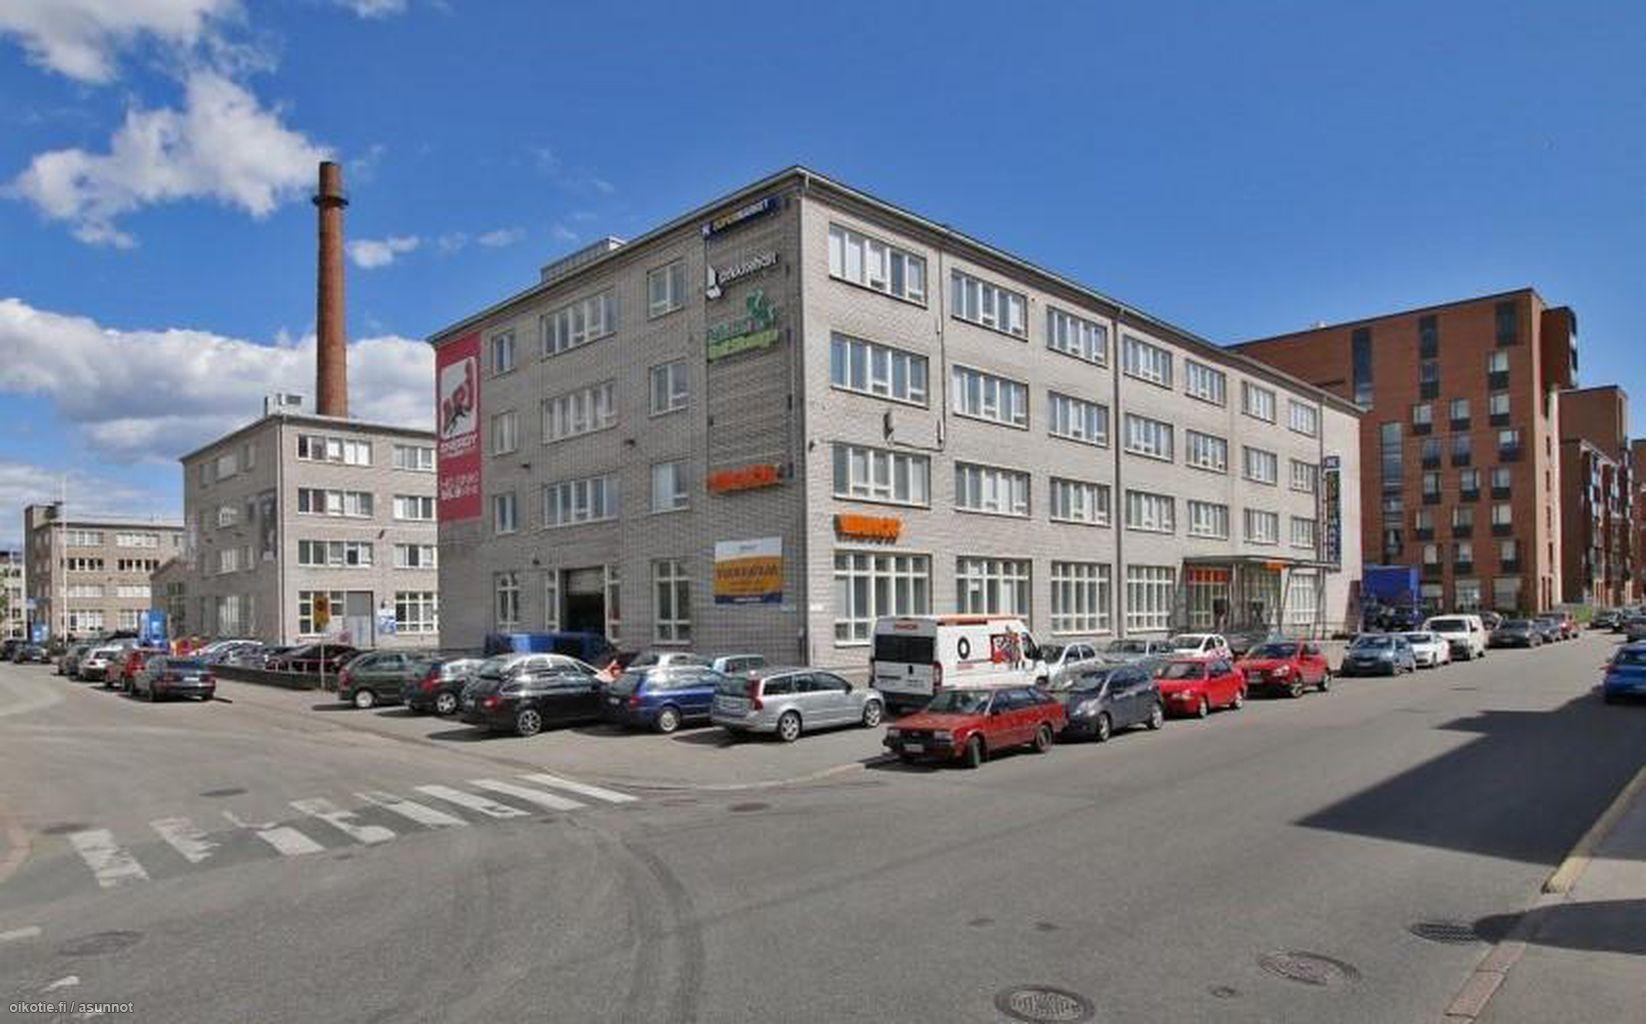 00210 Helsinki